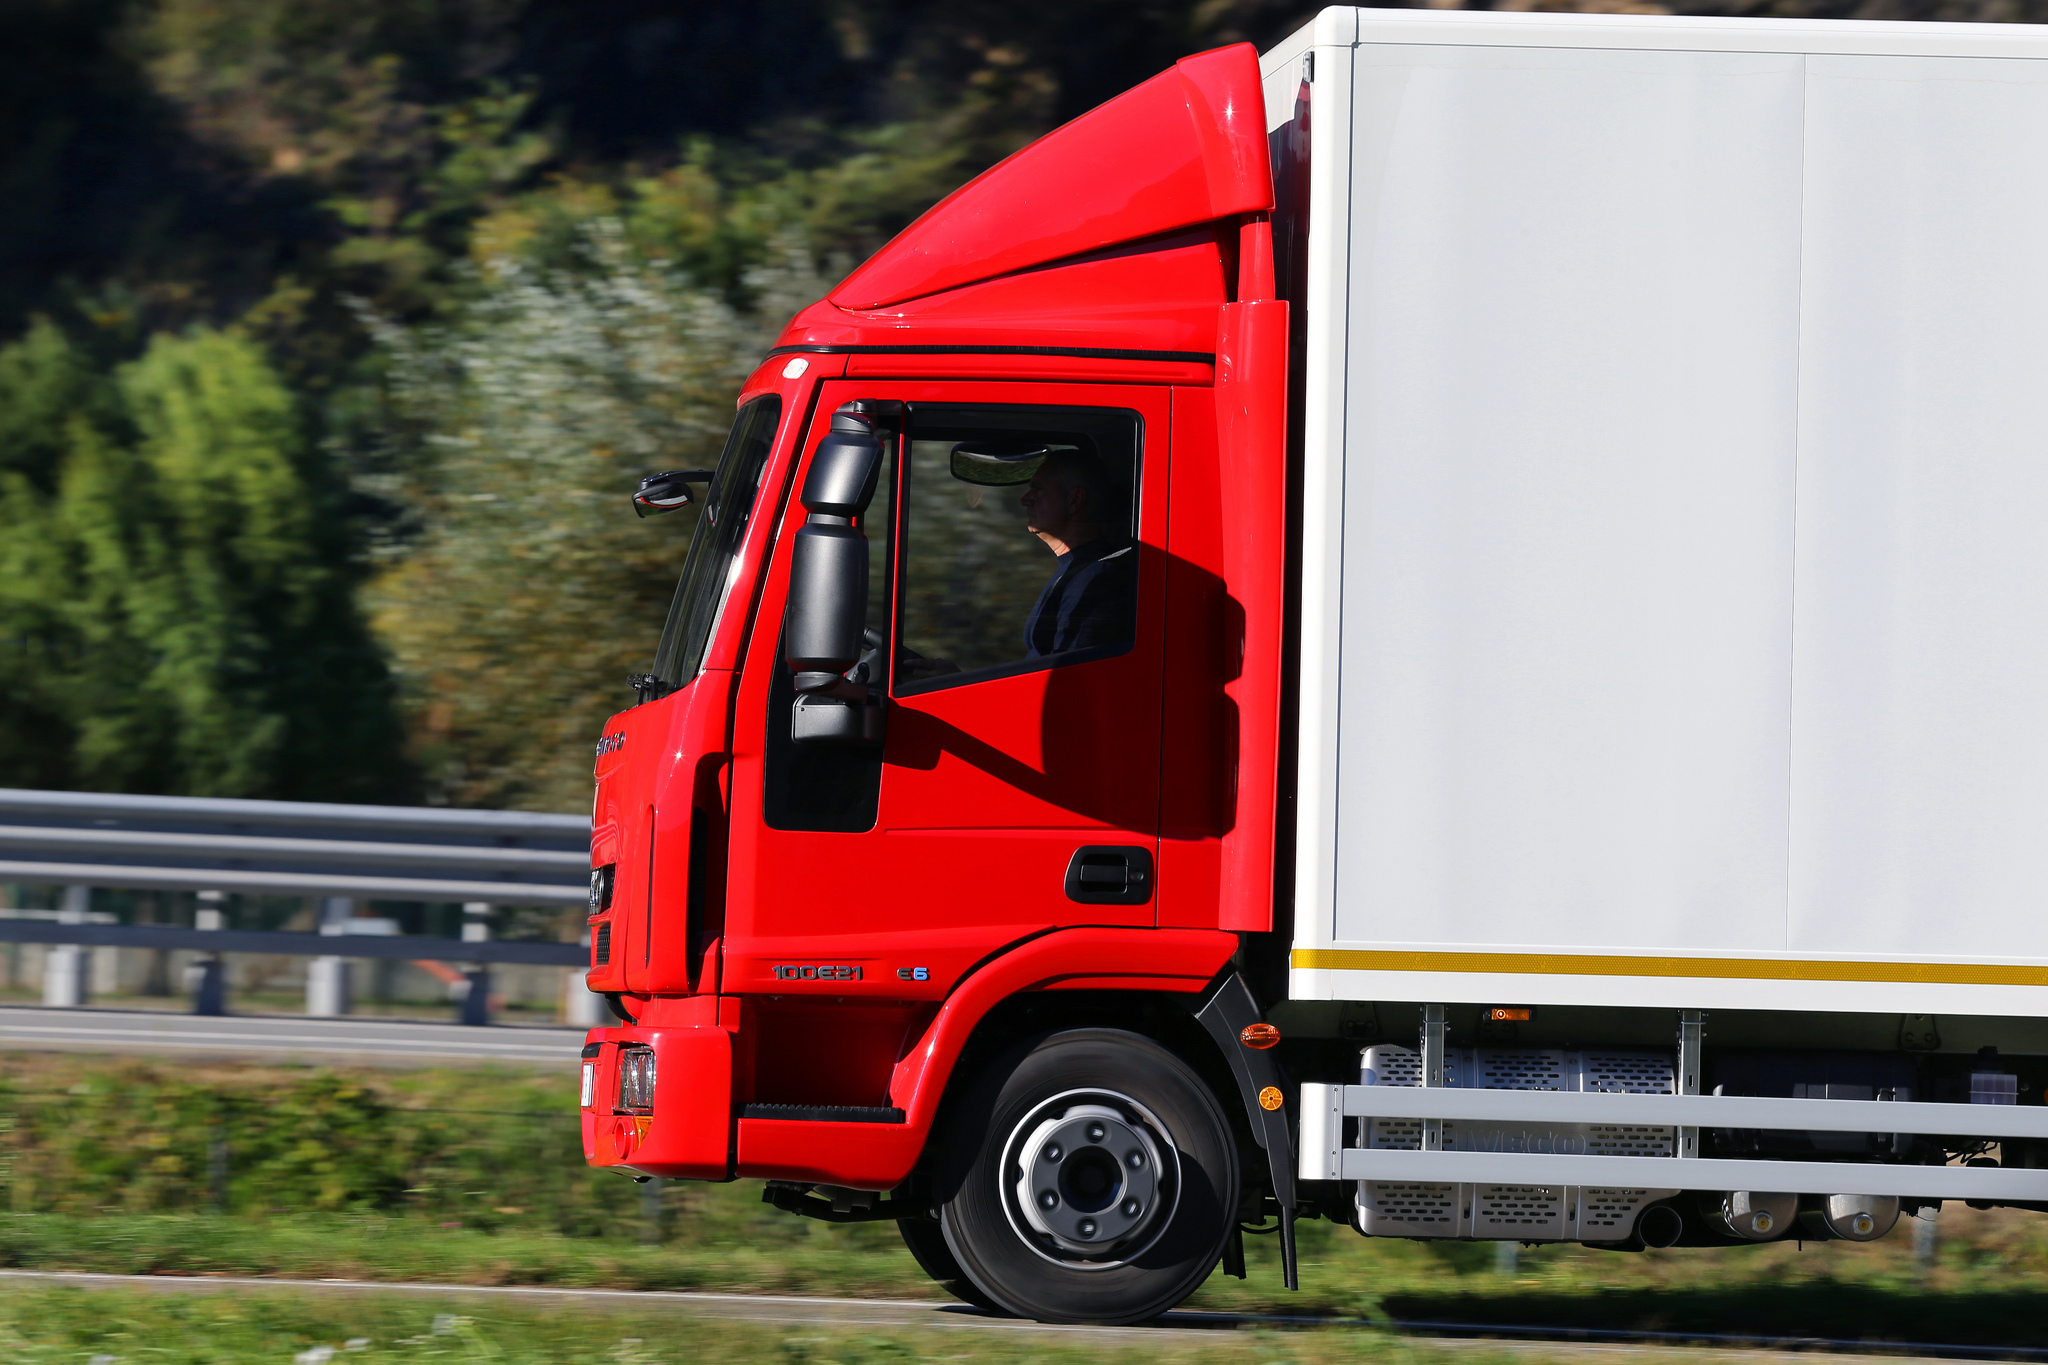 Comprar camiones usados: razones y ventajas